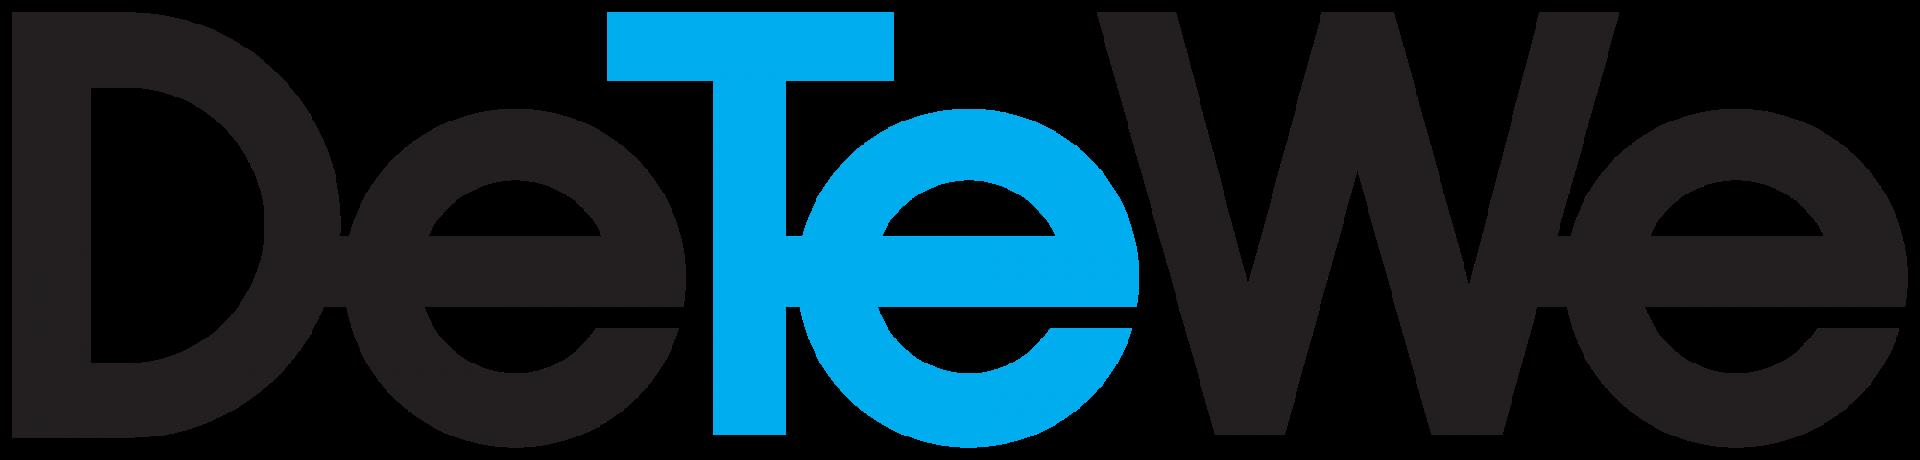 2000px-detewe_historisch_logo-svg